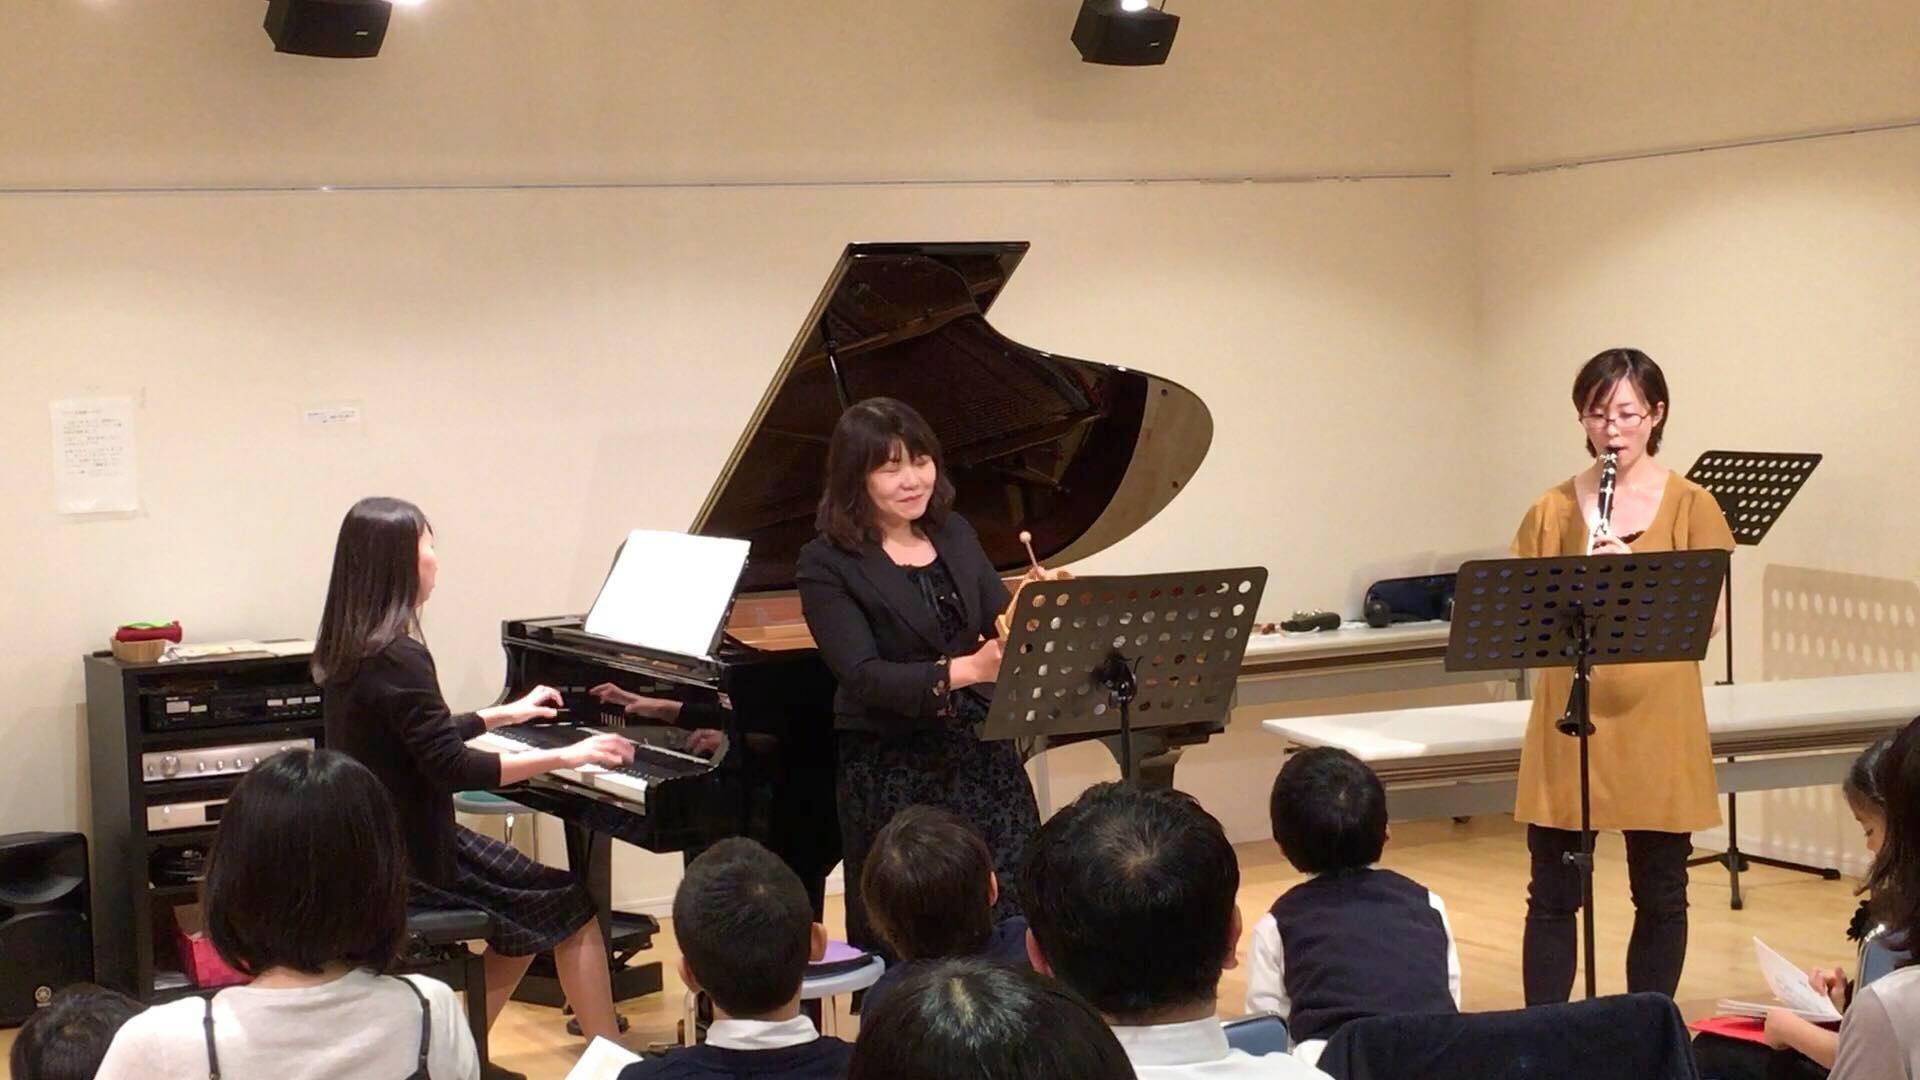 品川区ピアノ教室 個人ピアノ教室 うたの教室